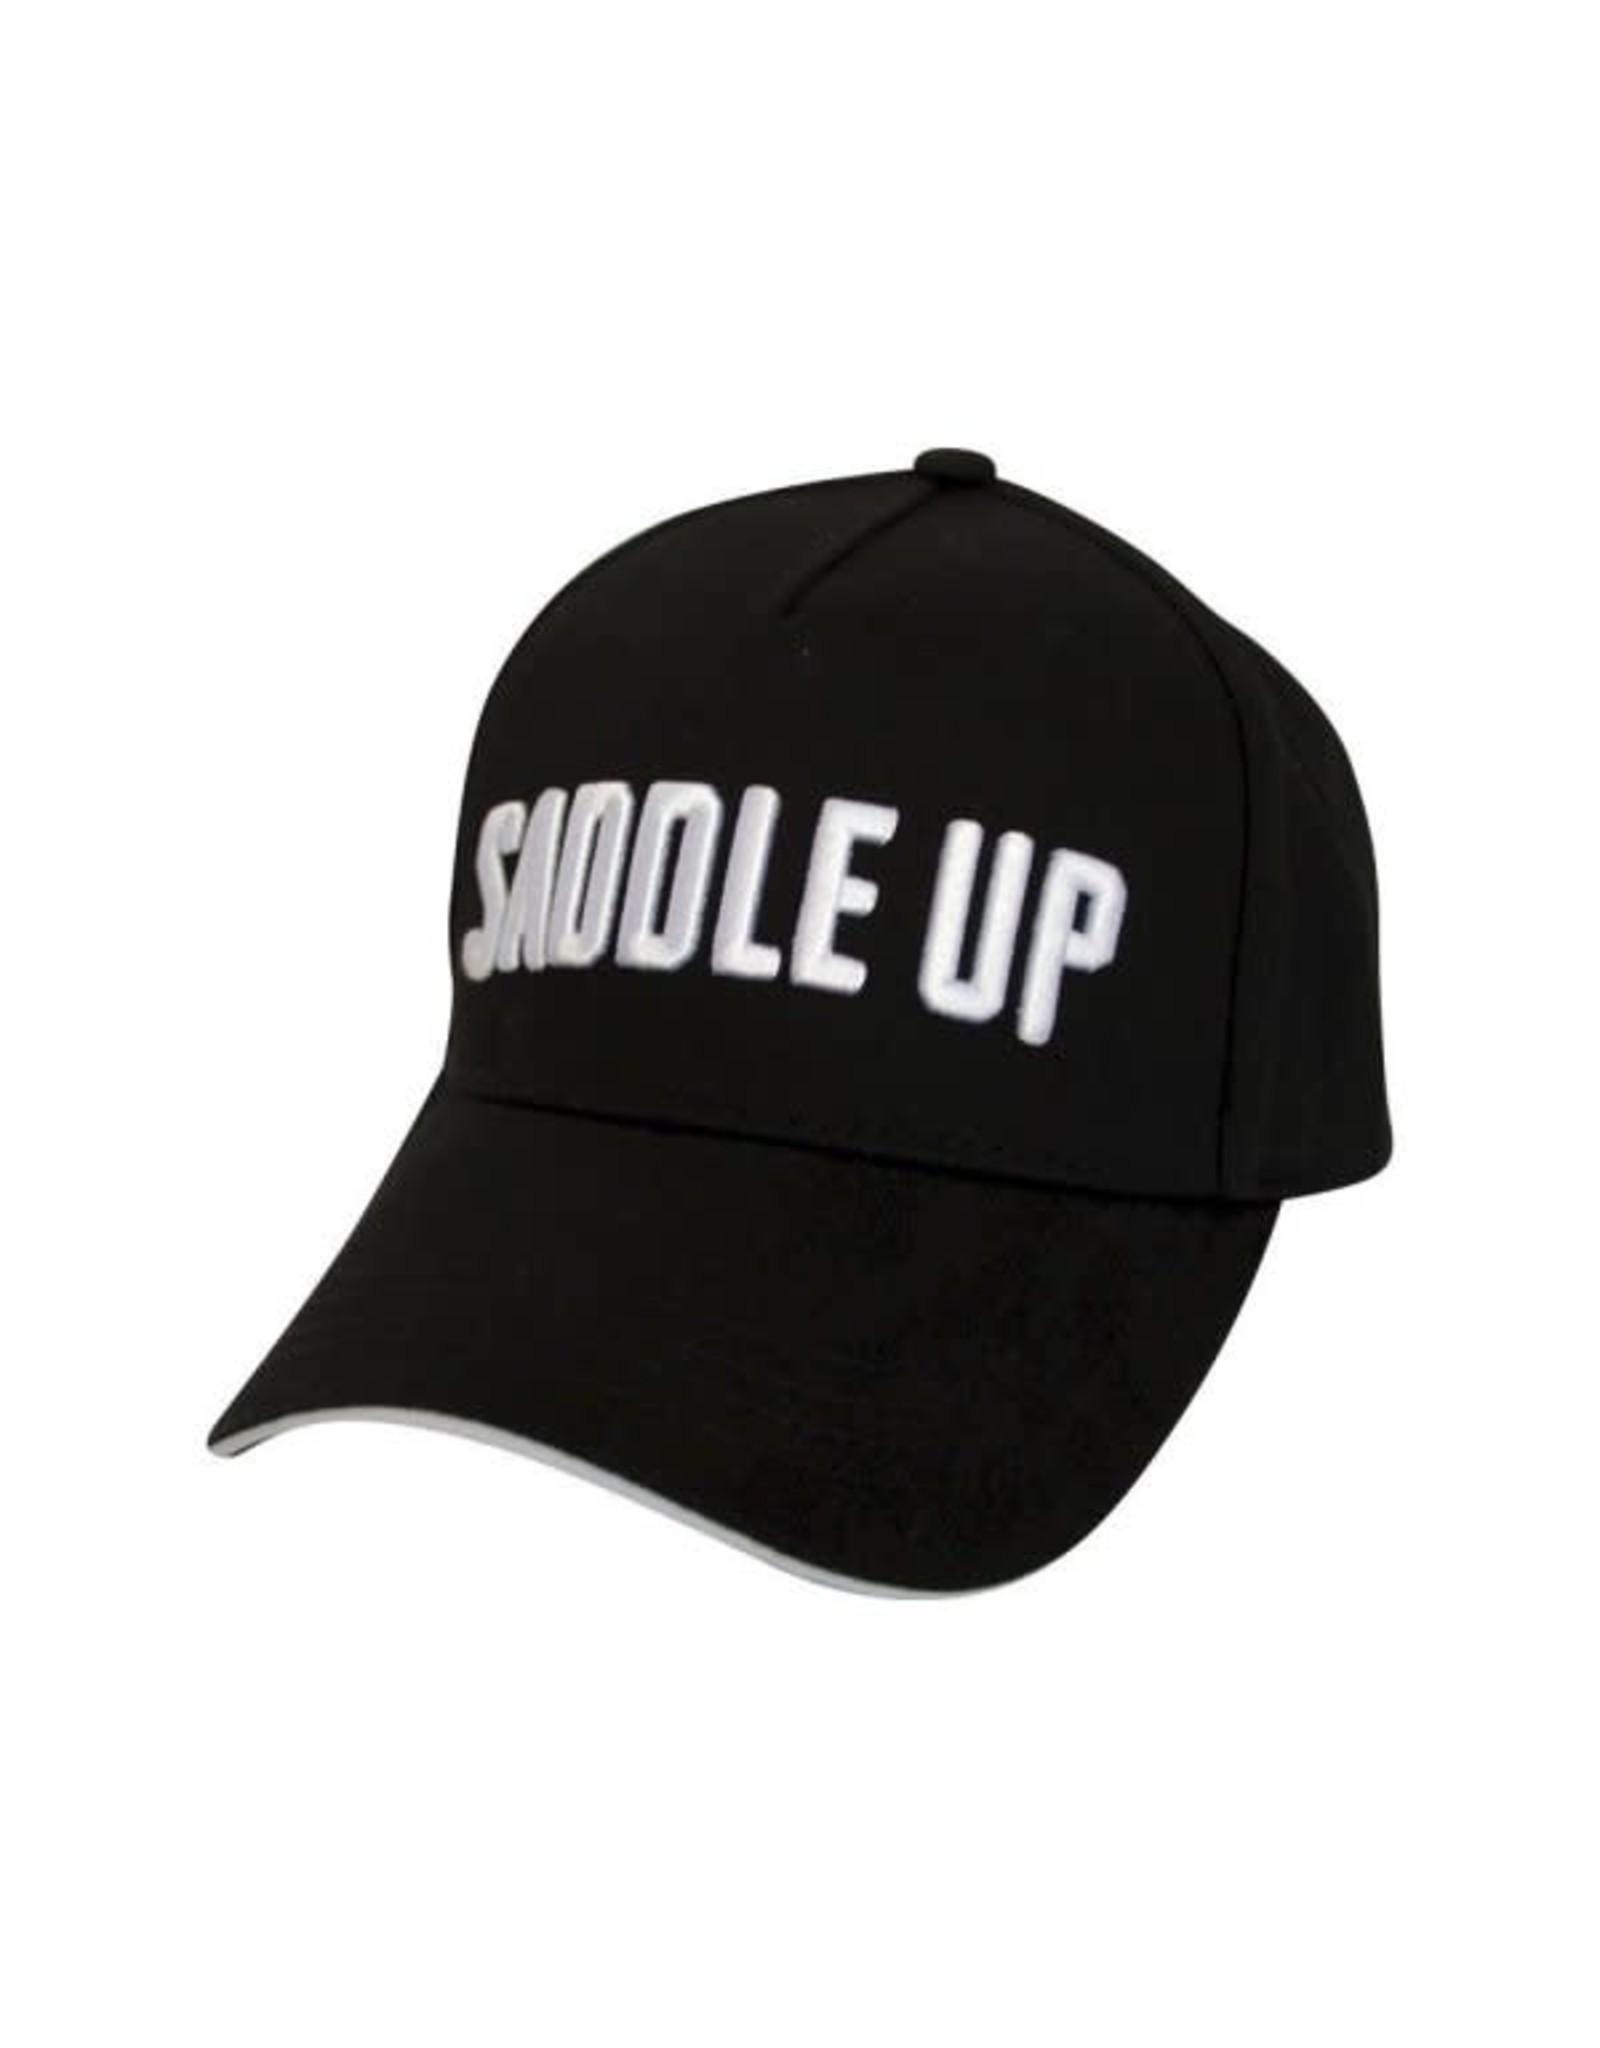 SPICED SADDLE UP RINGSIDE HAT